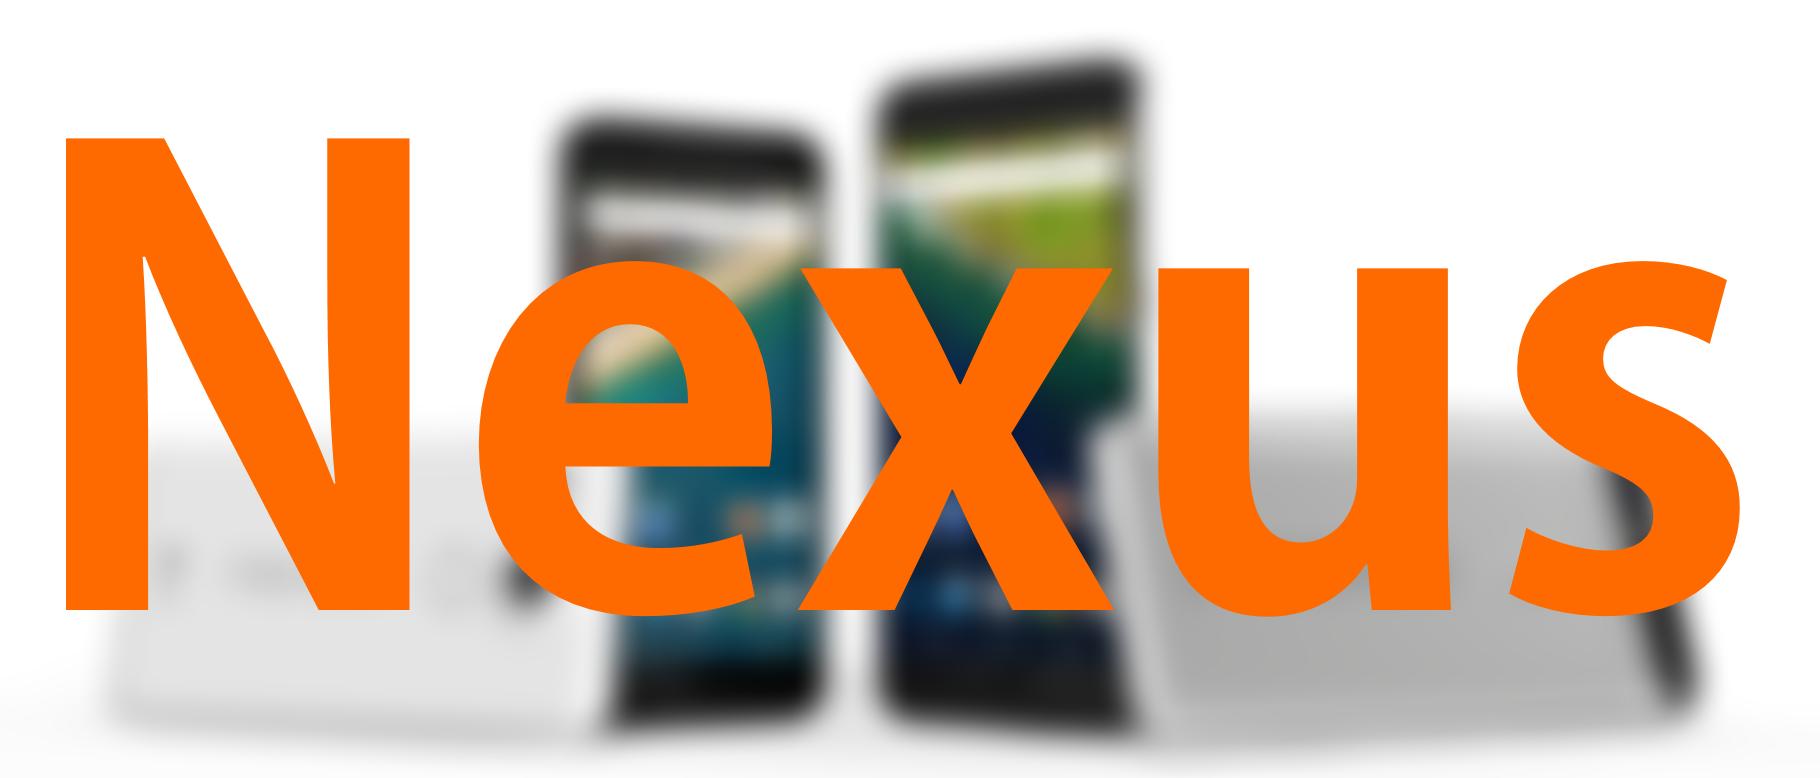 次期 Nexusにソニーを望む声がアンケート結果により4割いることが判明